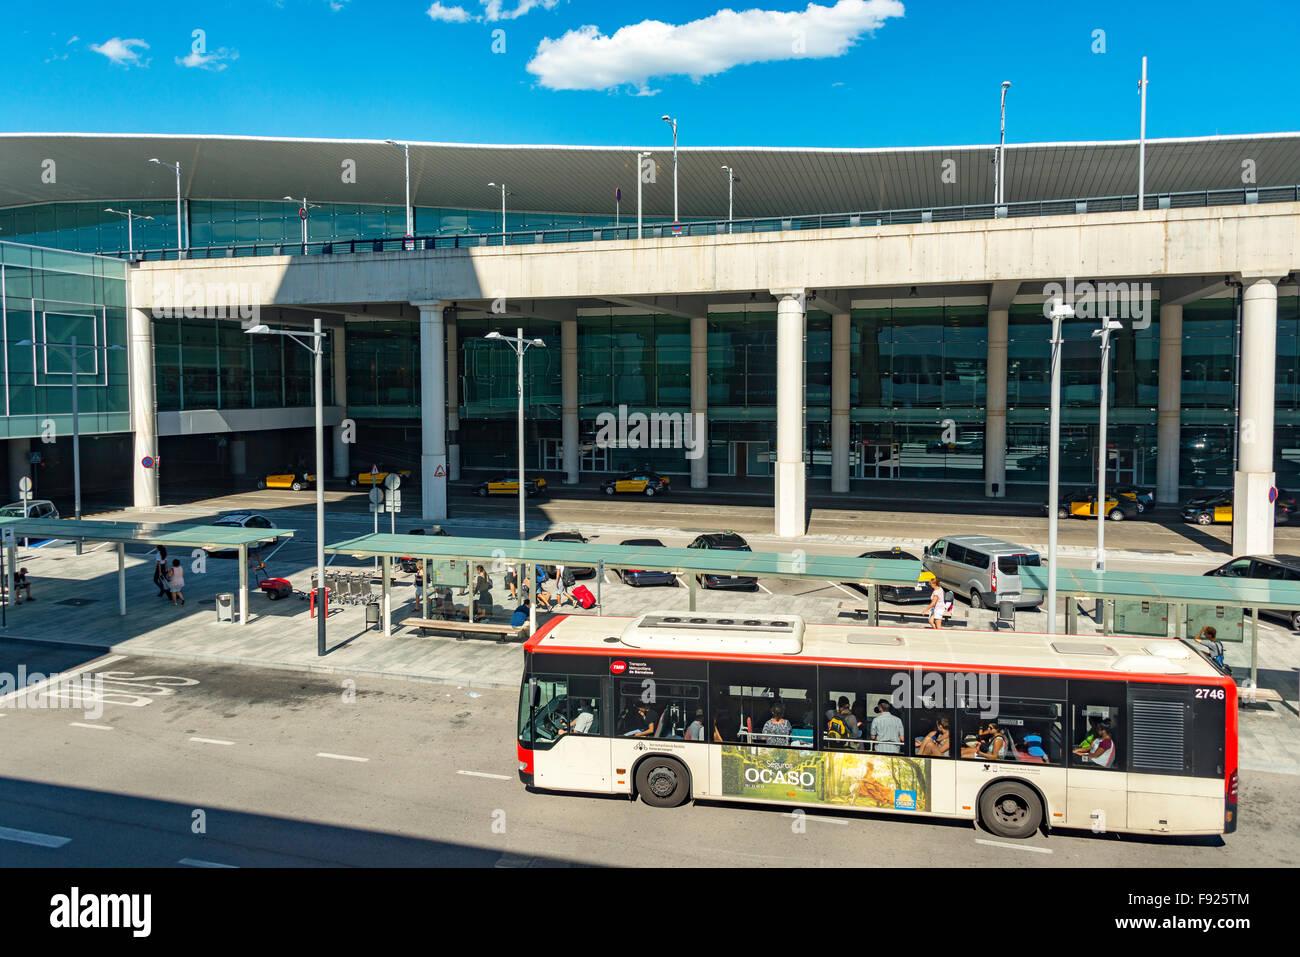 Terminal de salida en el Aeropuerto El Prat de Barcelona, El Prat de Llobregat, comarca del Baix Llobregat, Cataluña, Foto de stock